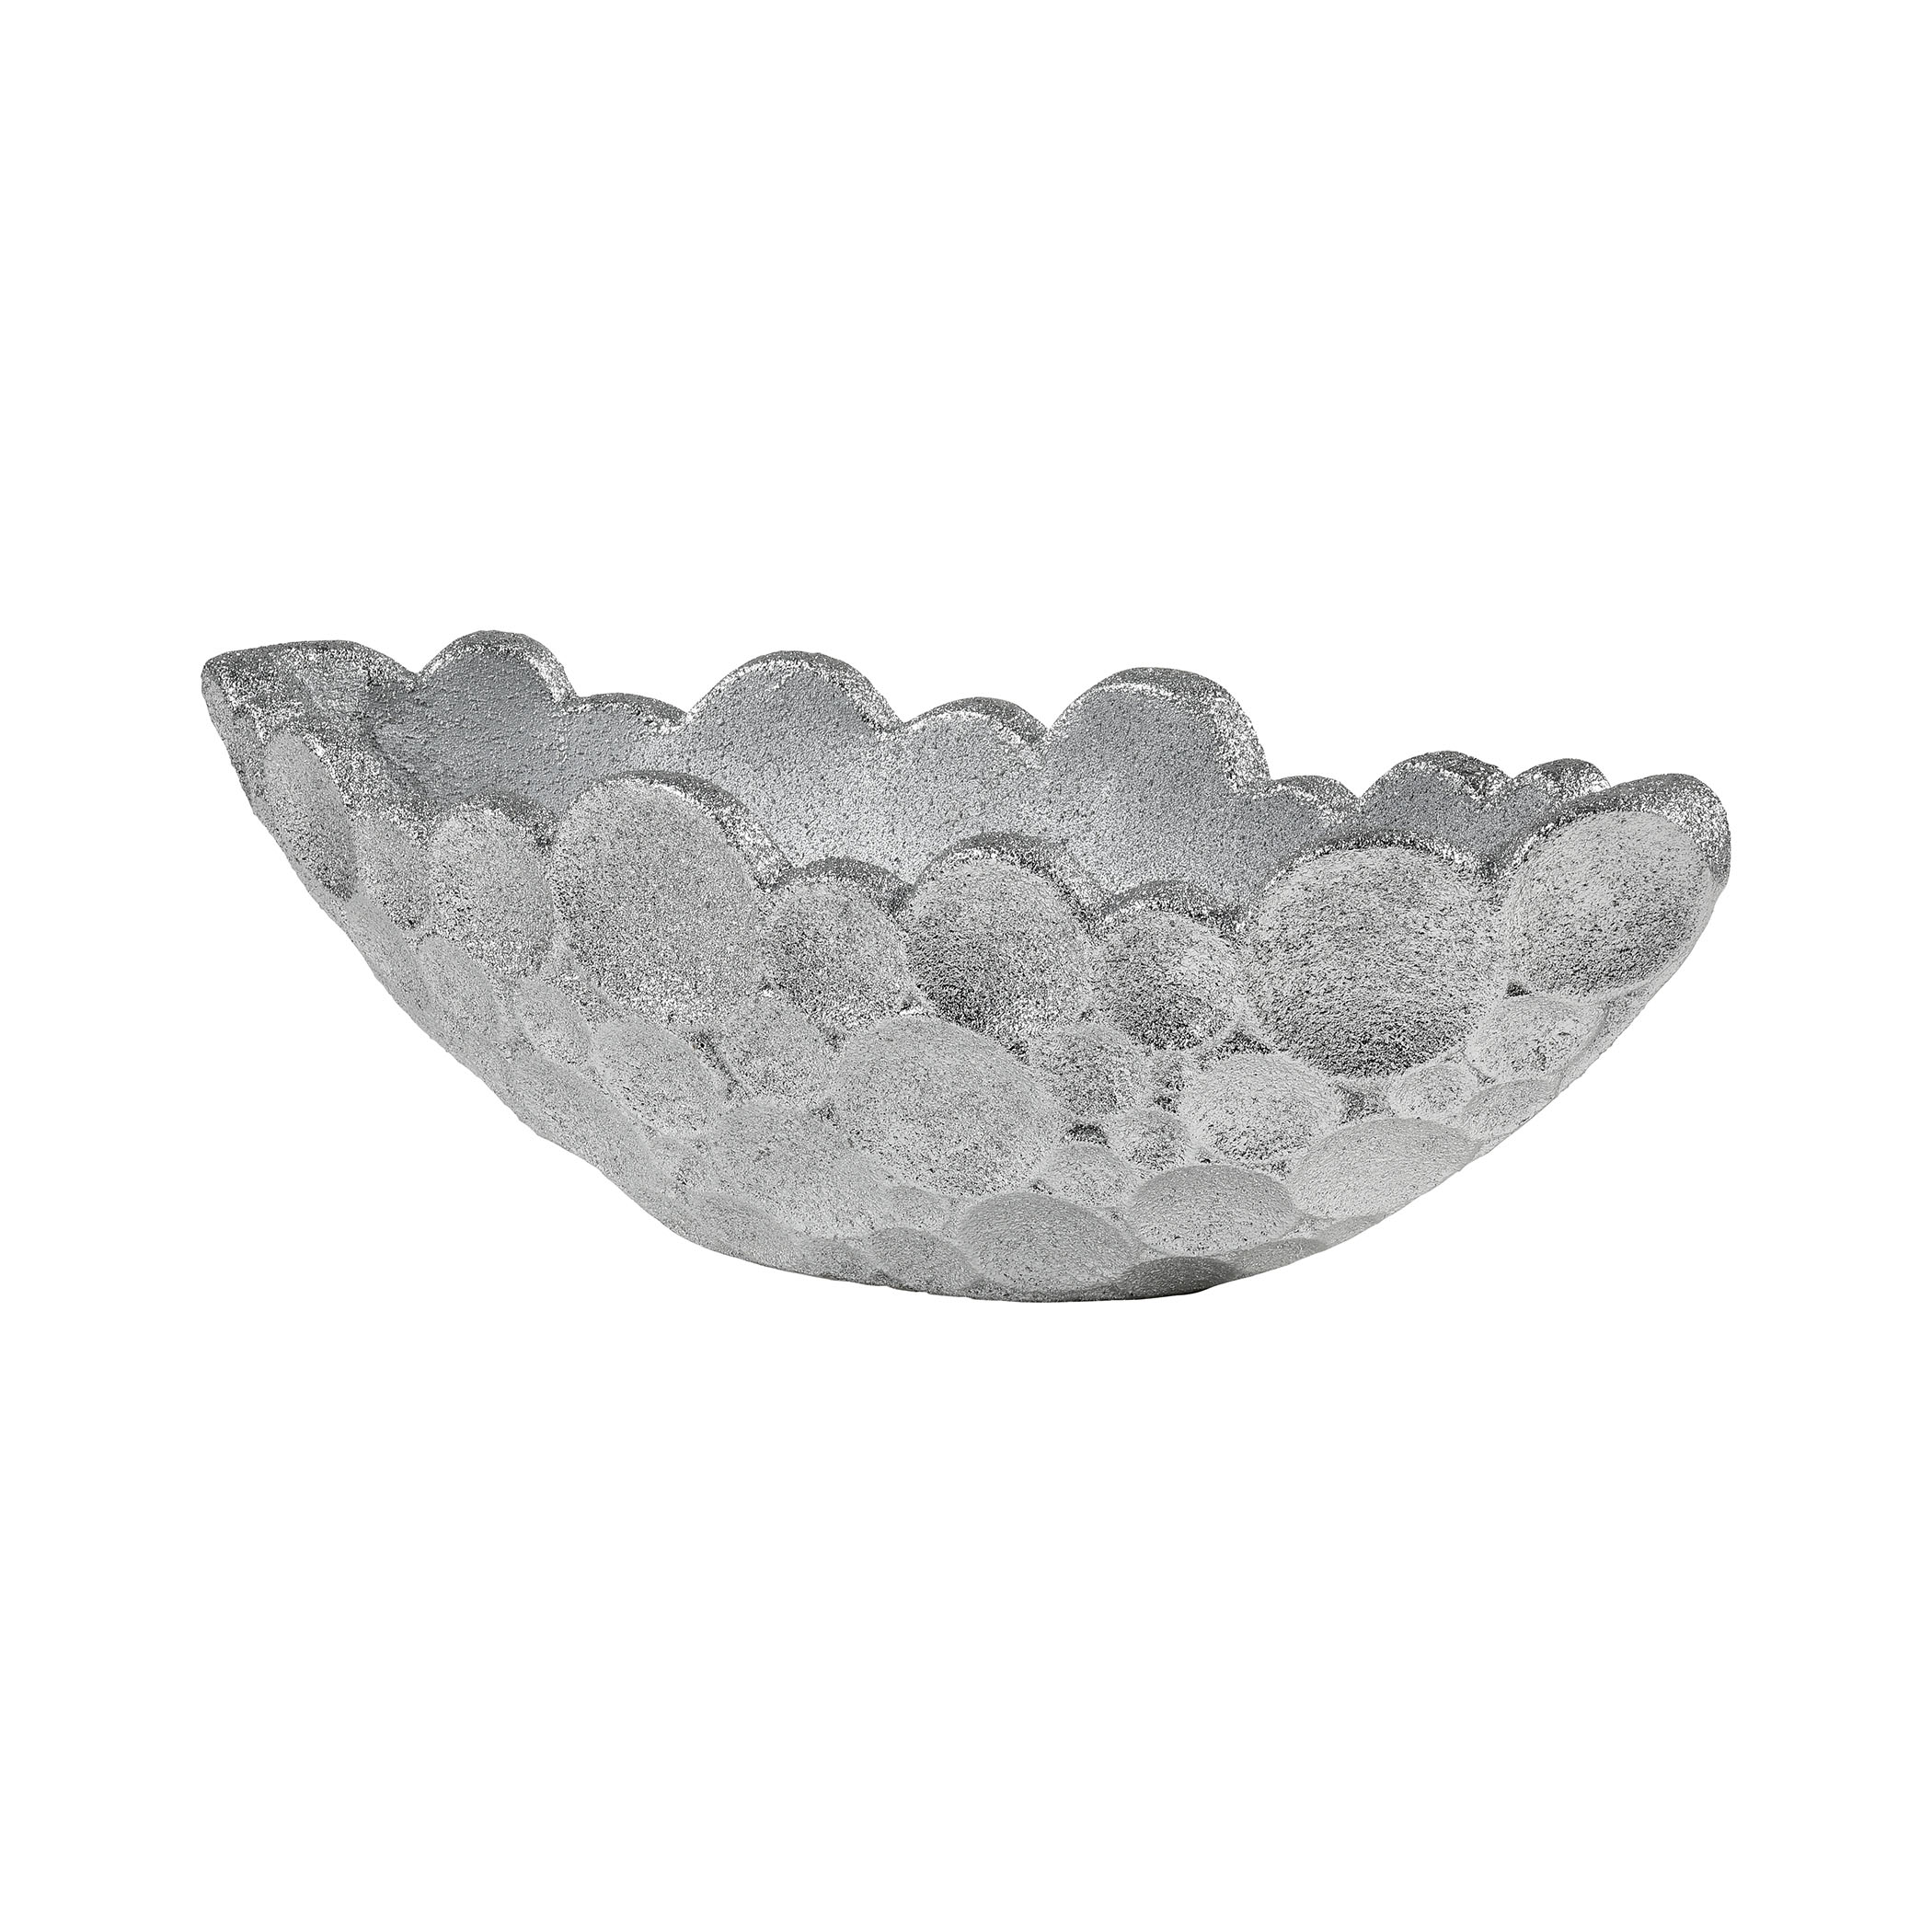 Sea Foam Planter in Silver Plaster 9166-110   ELK Home